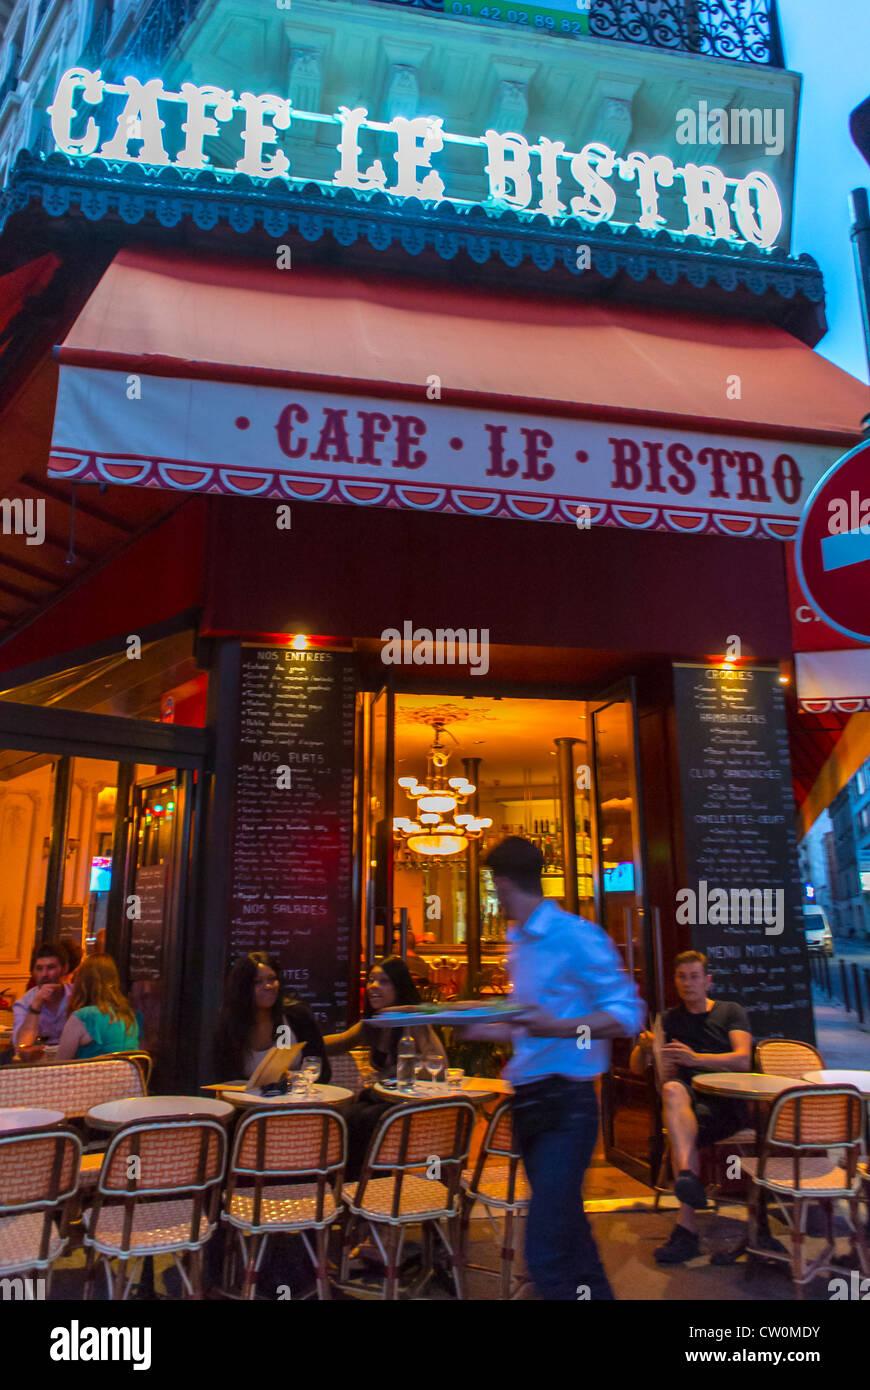 Tables Outside Paris Bistro On Photos Tables Outside Paris Bistro